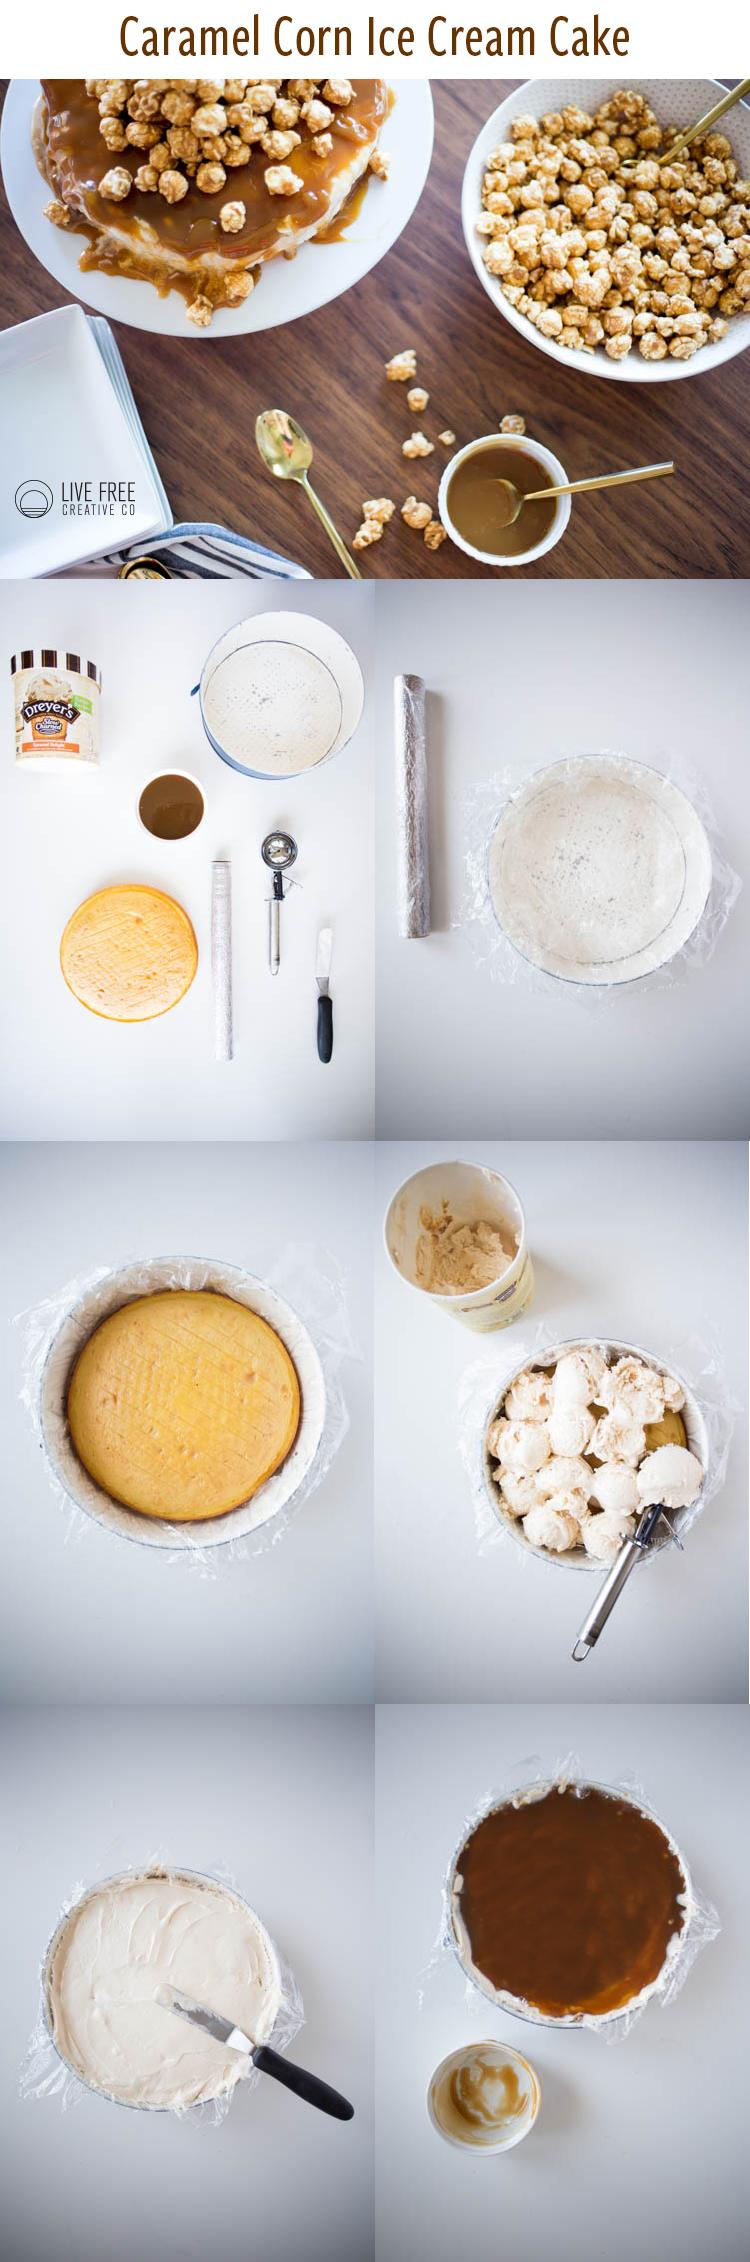 S No Pan Freezer Cake Mix